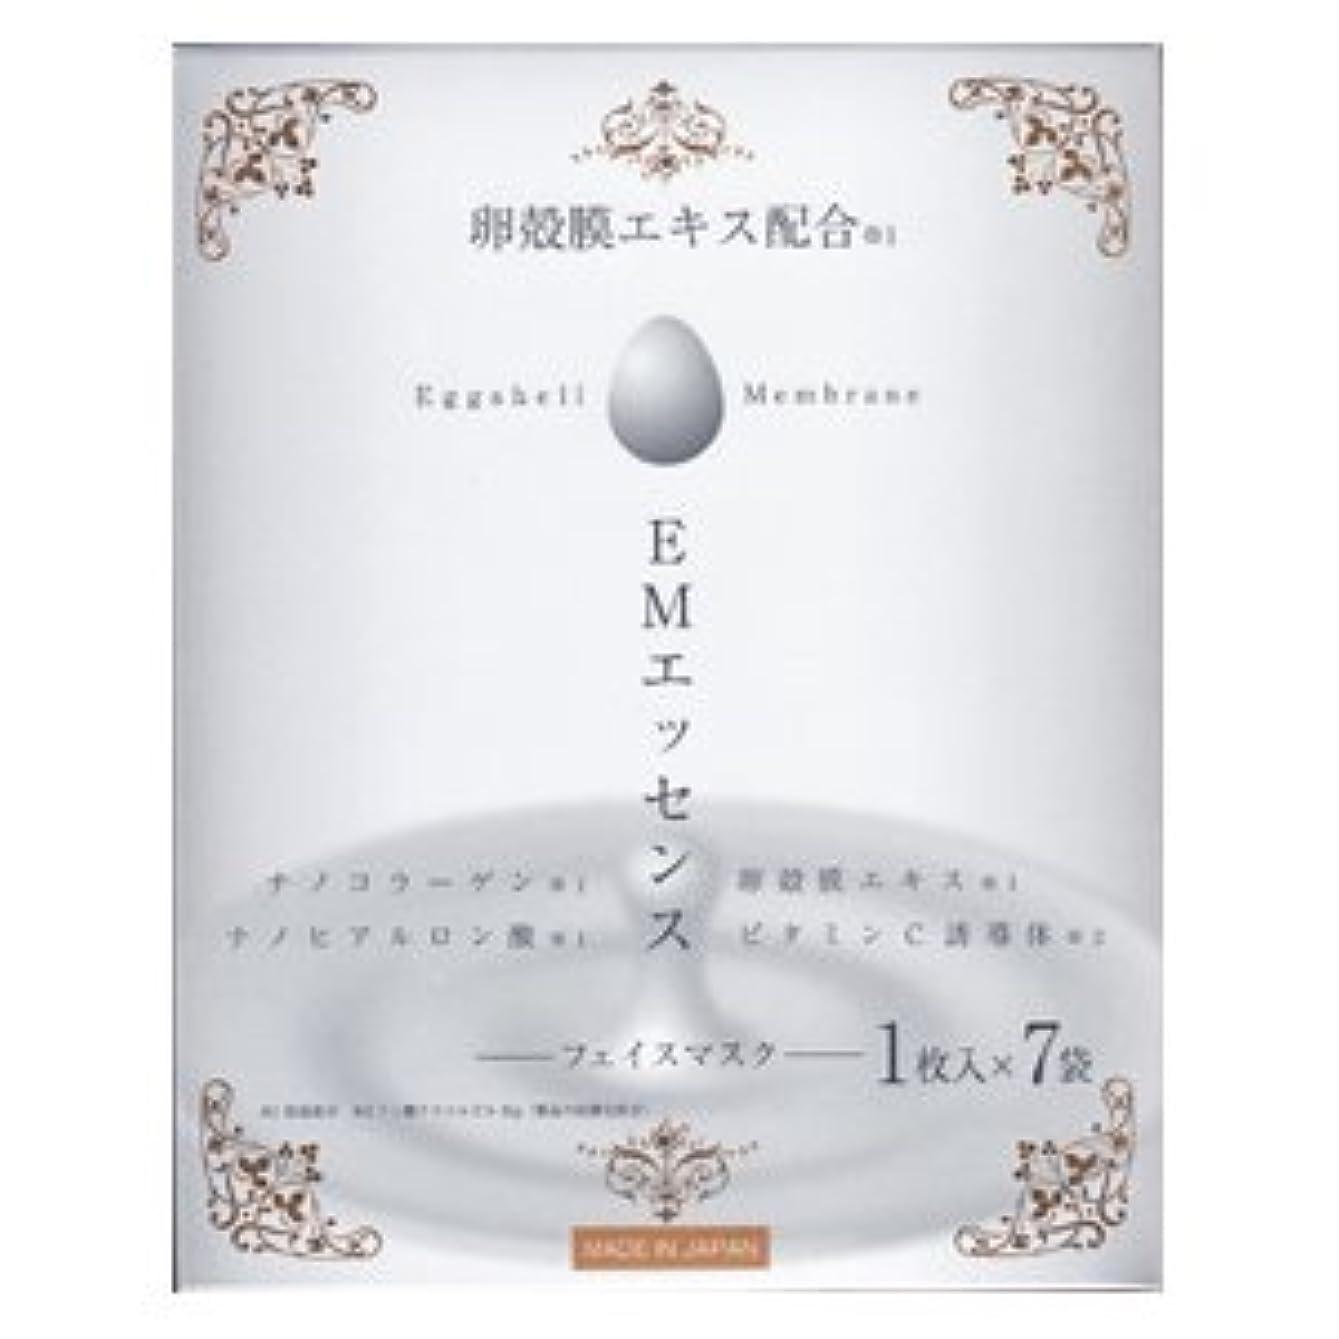 マーカー複製反動卵殻膜エキス配合 EMエッセンス フェイスマスク 1枚入×7袋